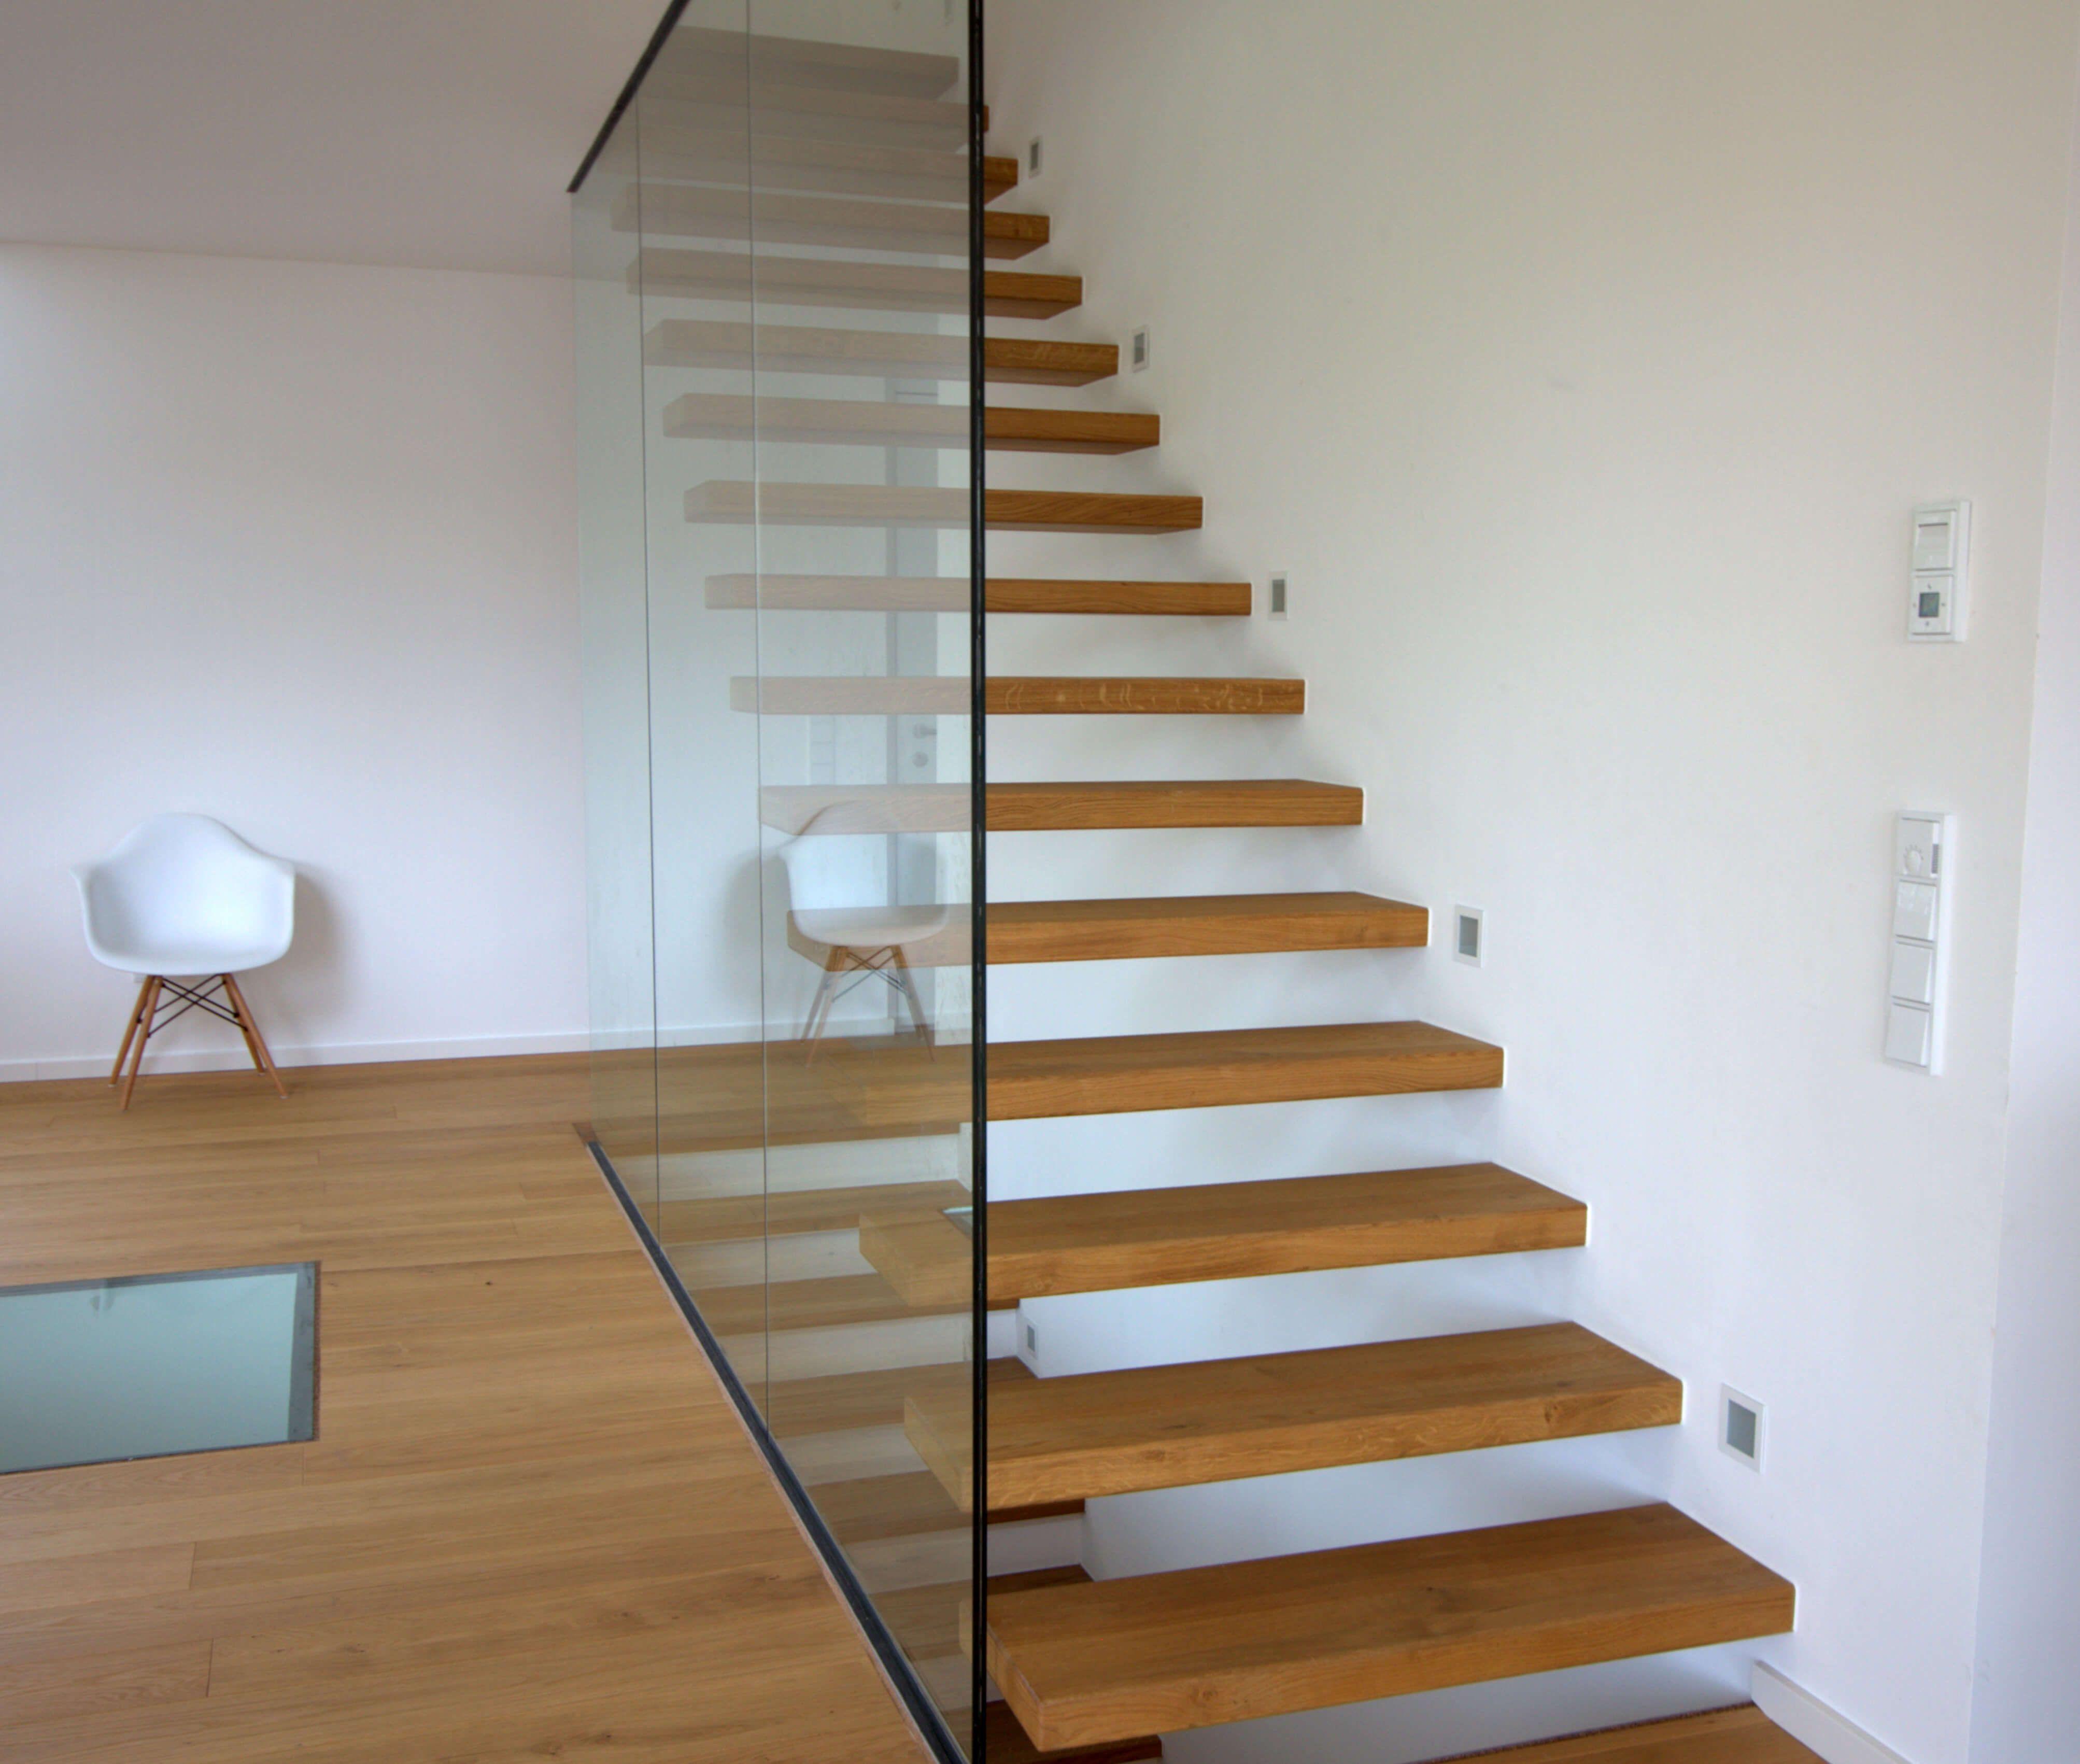 Bekannt Flying Steps Treppe Eiche Holz inkl. Glaswand, HARO Parkett mit LO74